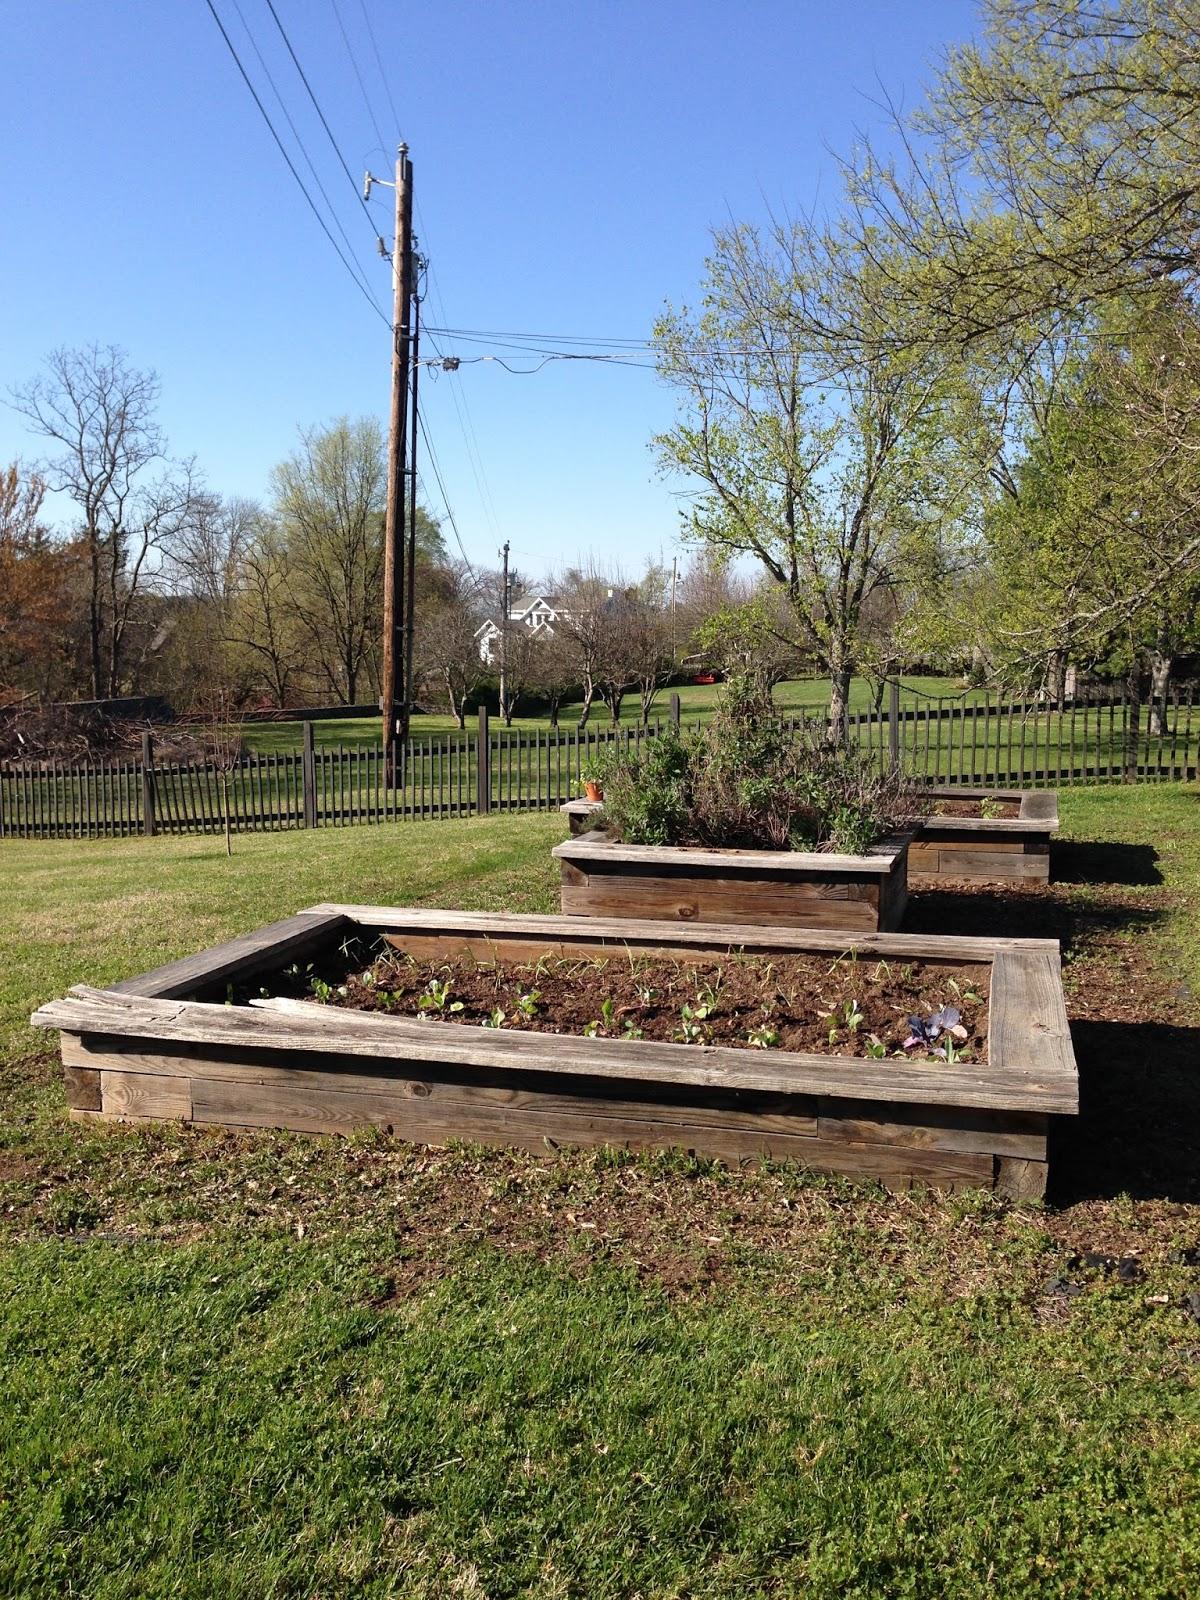 The Kitchen Garden Rattlebridge Farm The Kitchen Garden In Late March